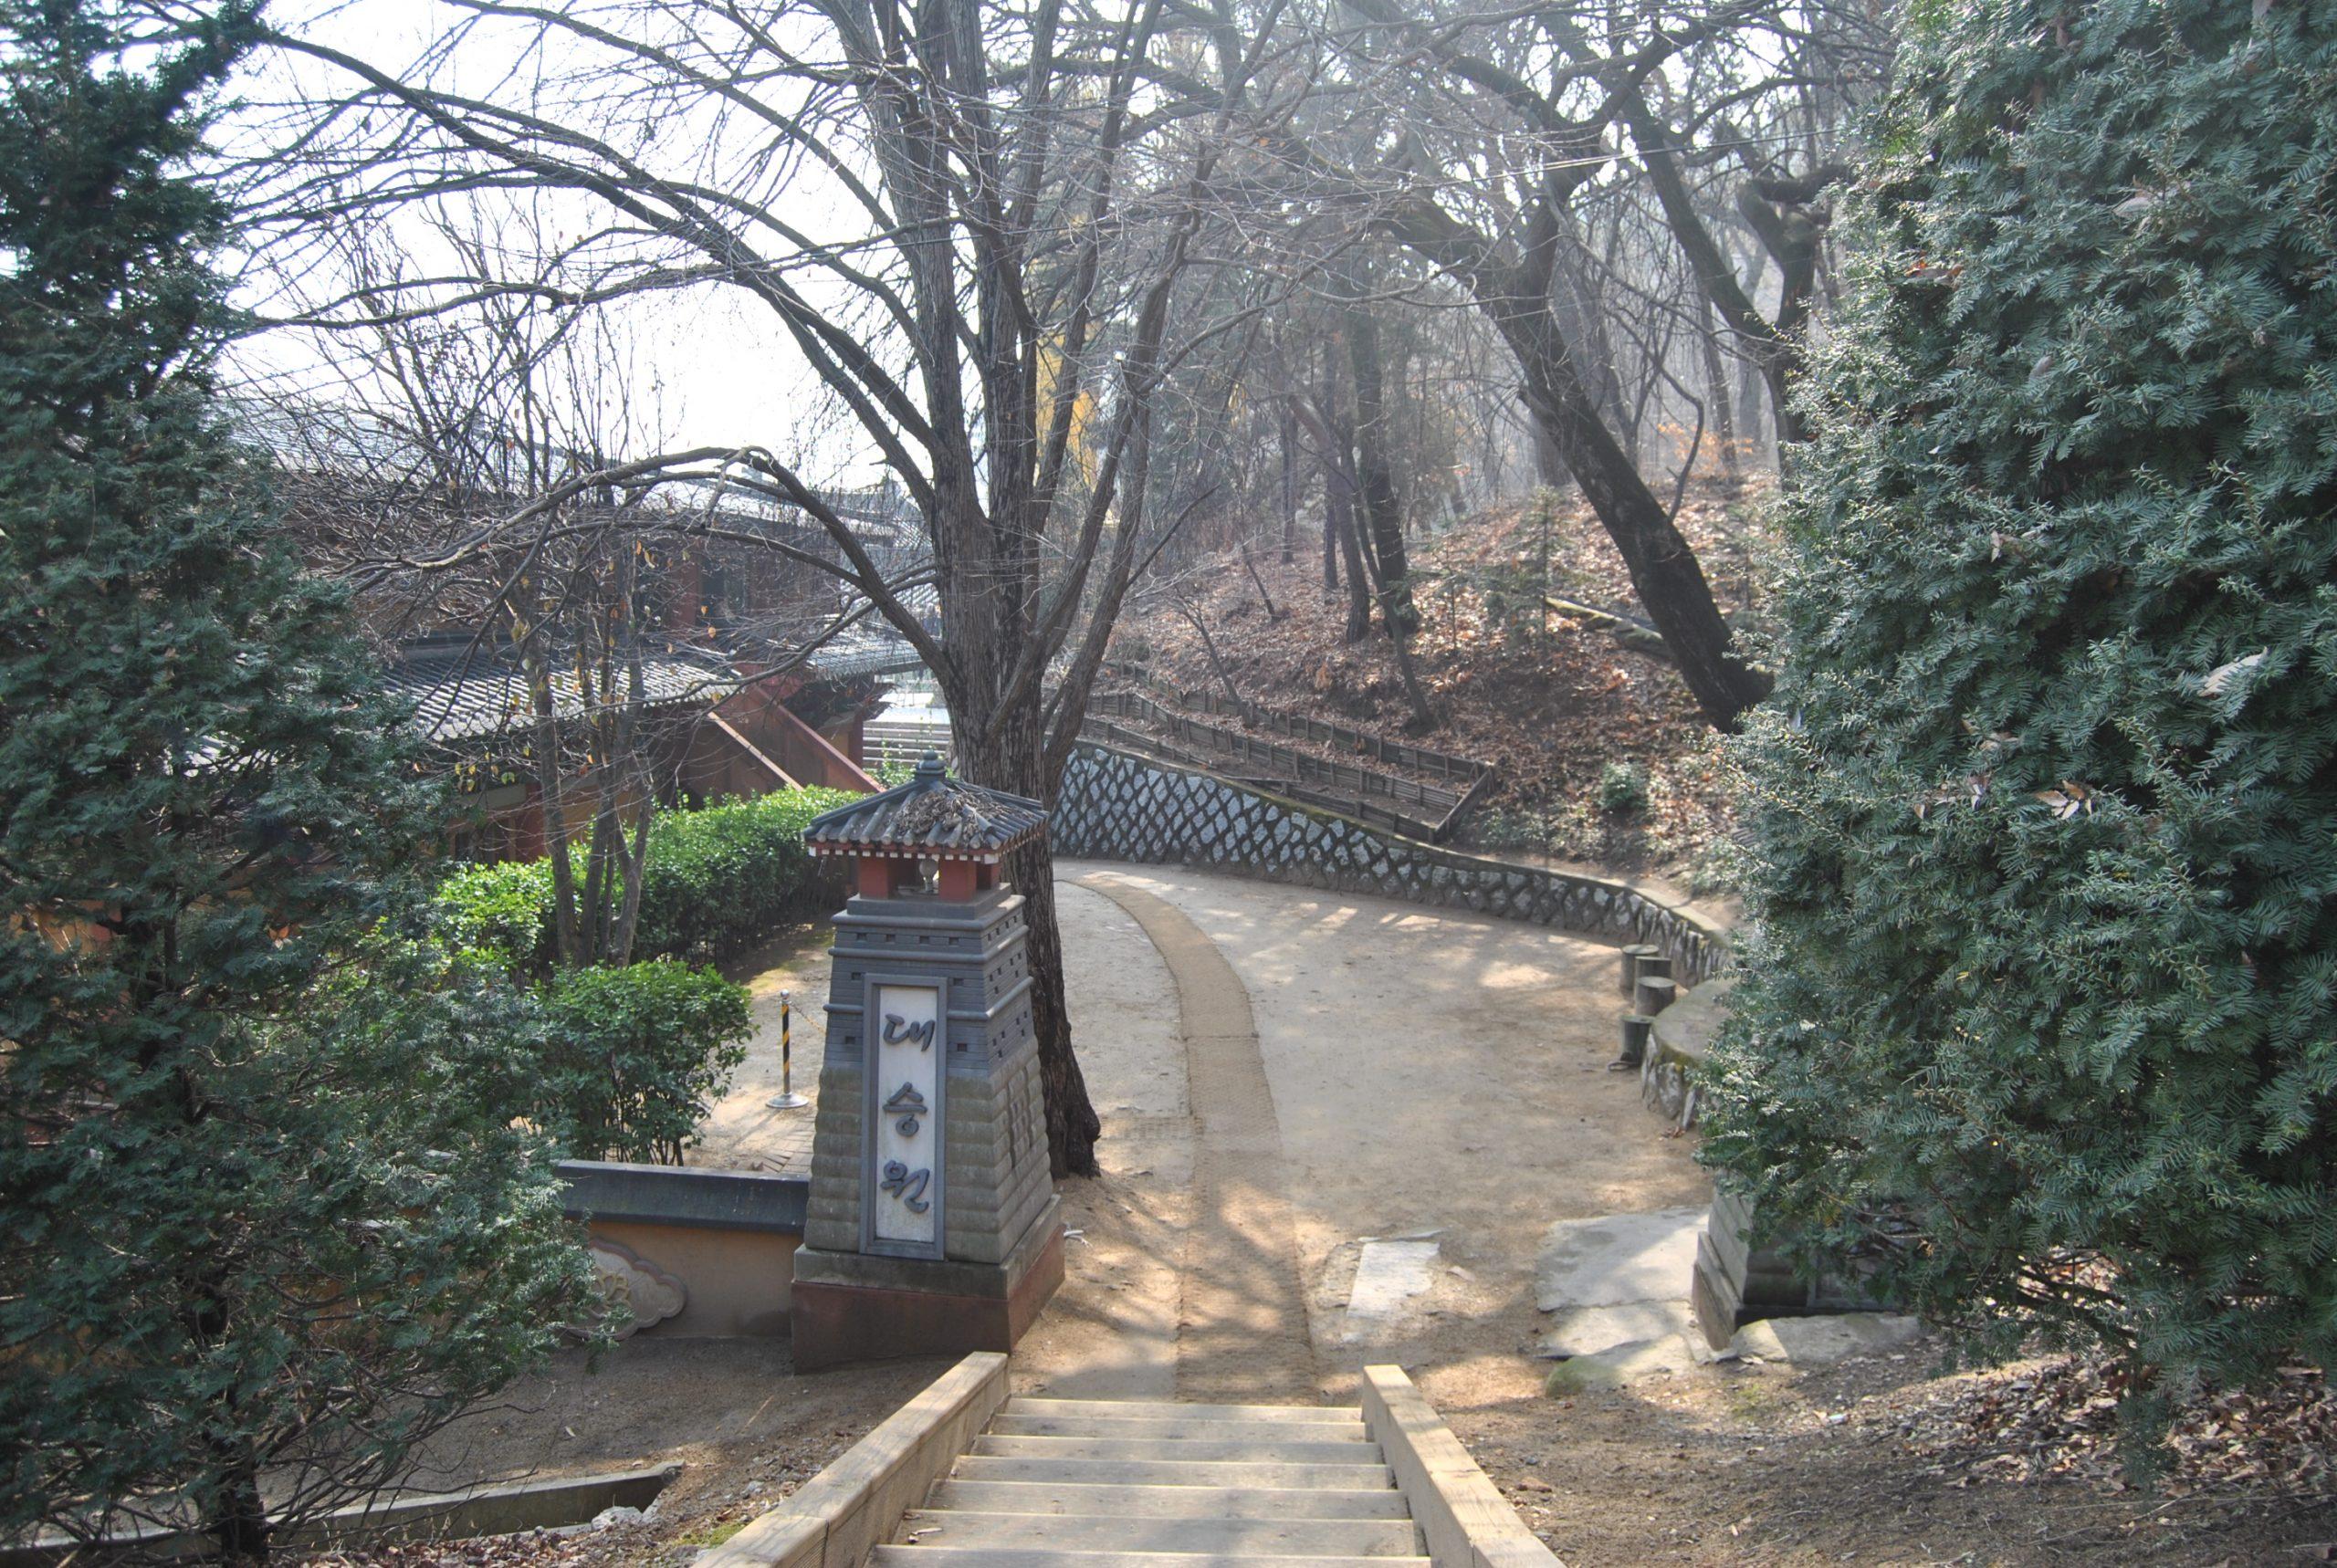 Entrada al templo Daeseungsa